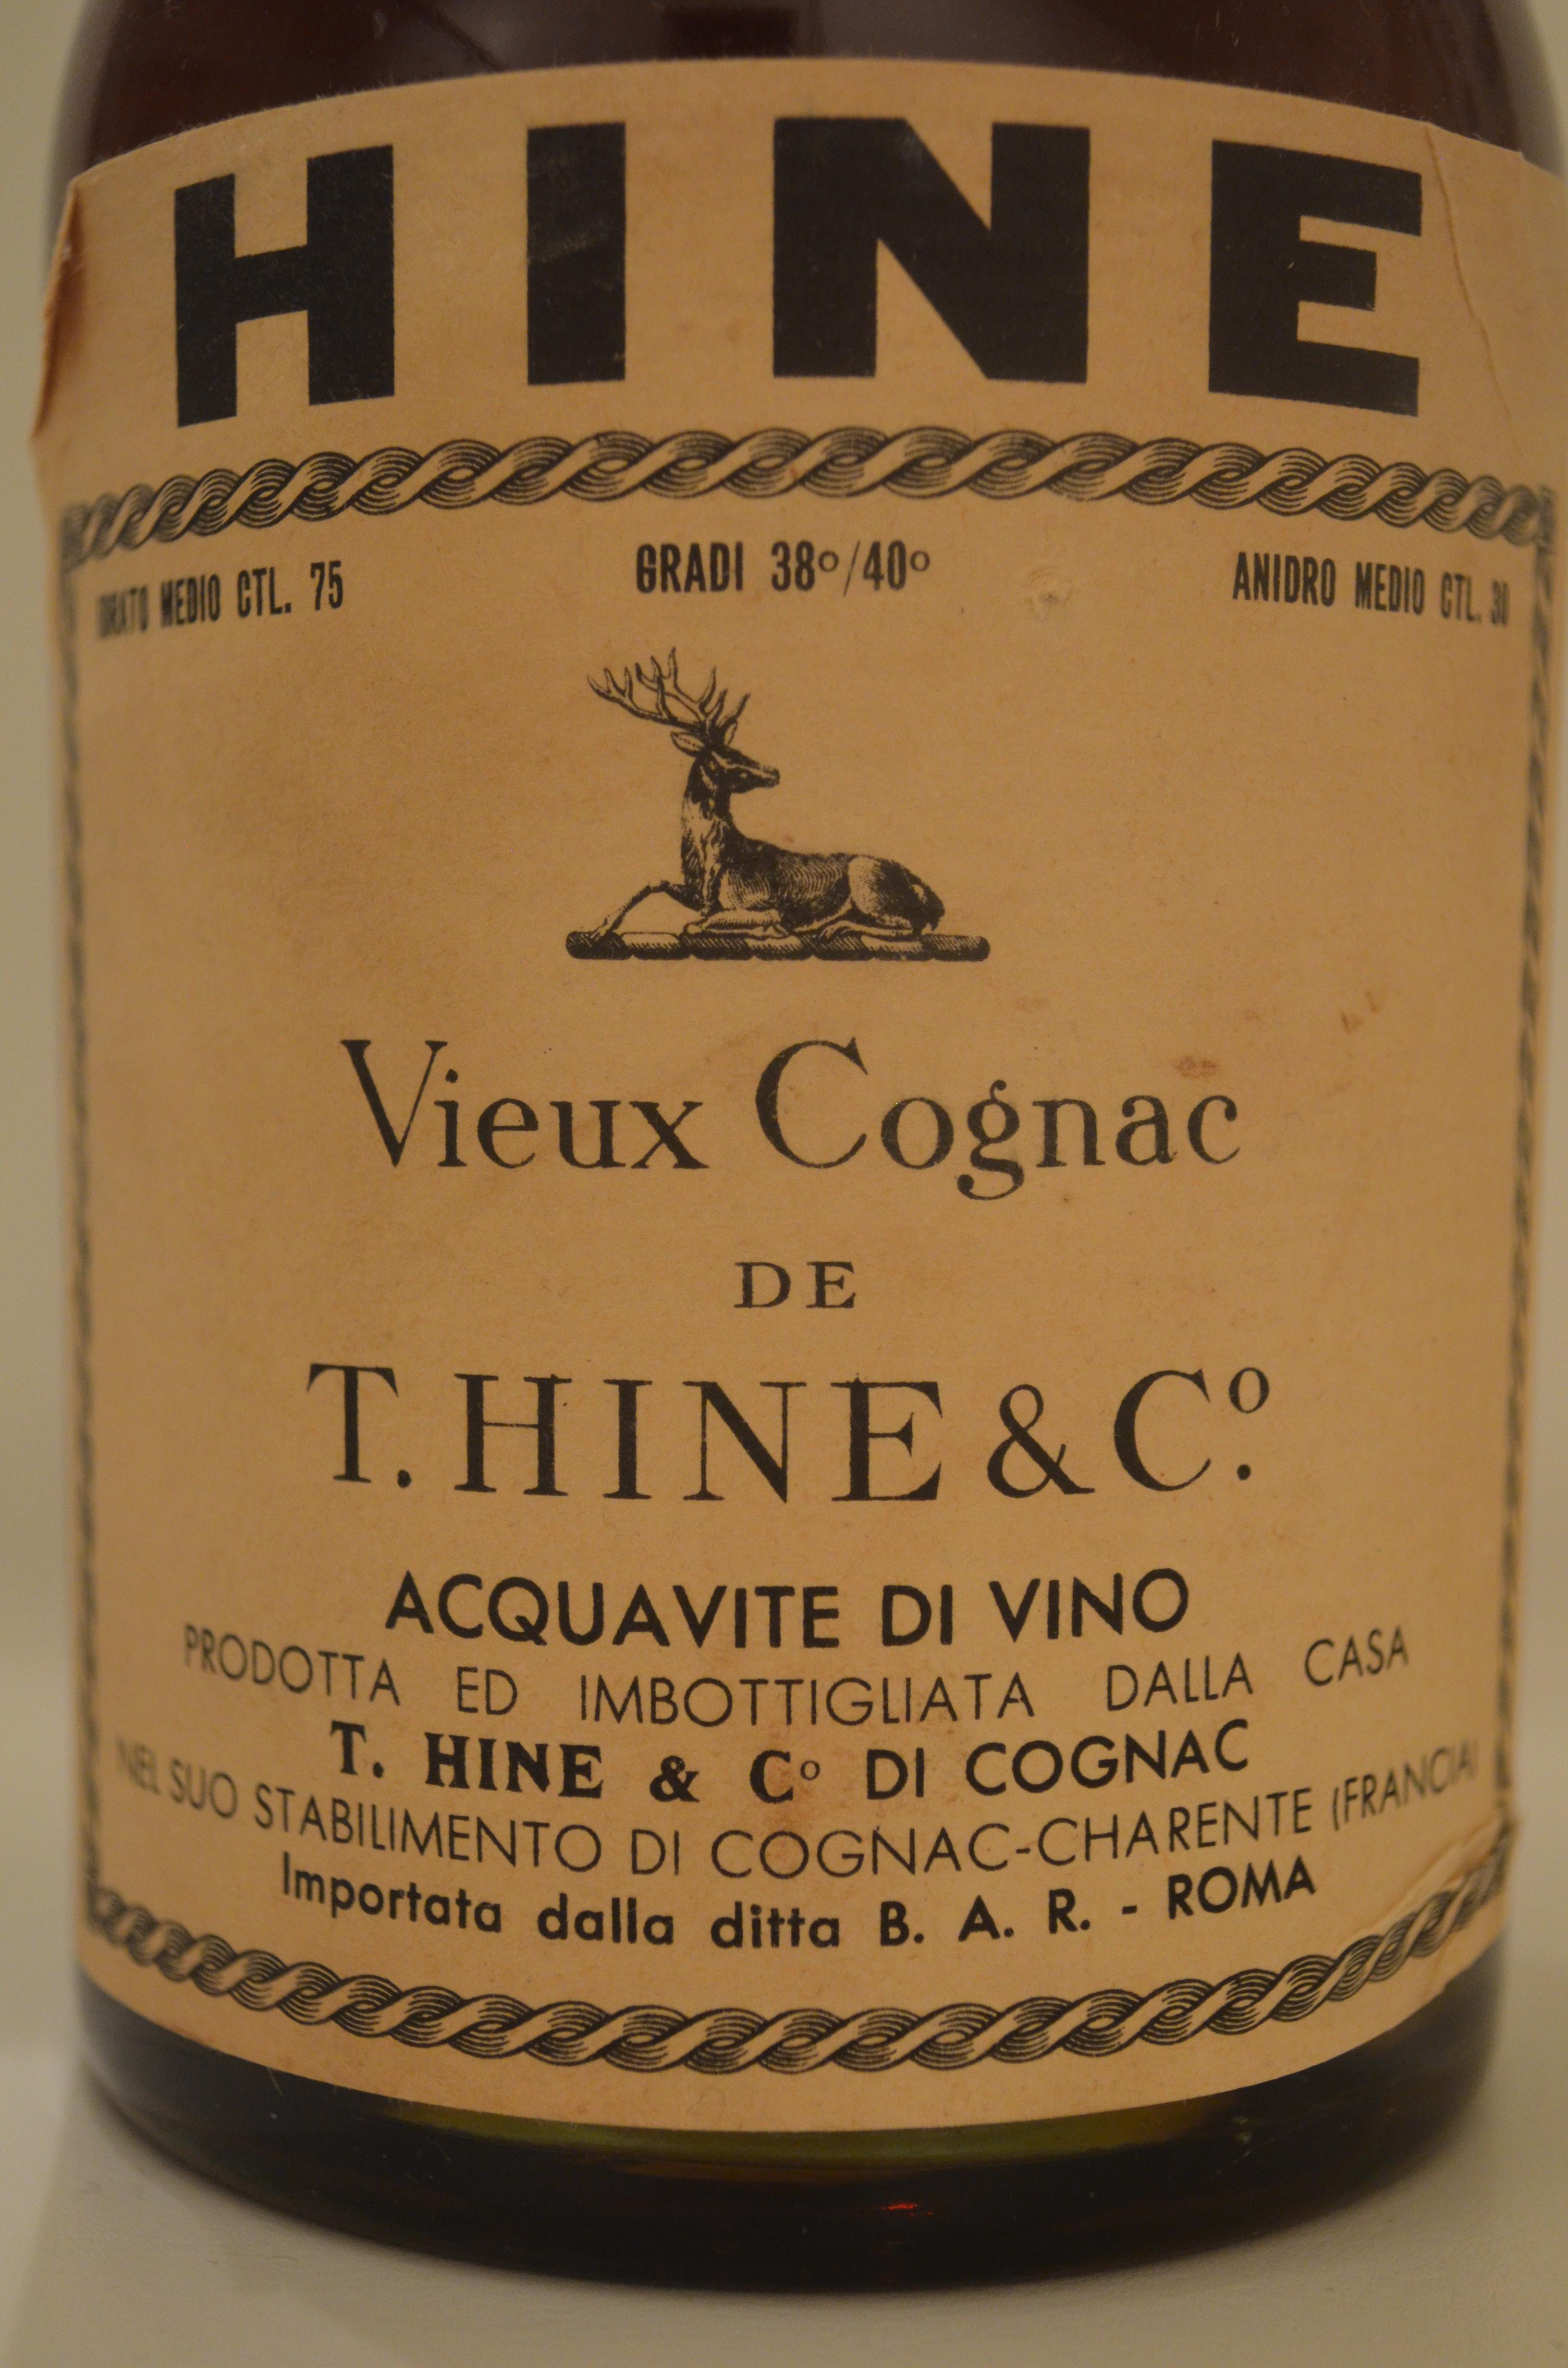 Hine Vieux Cognac